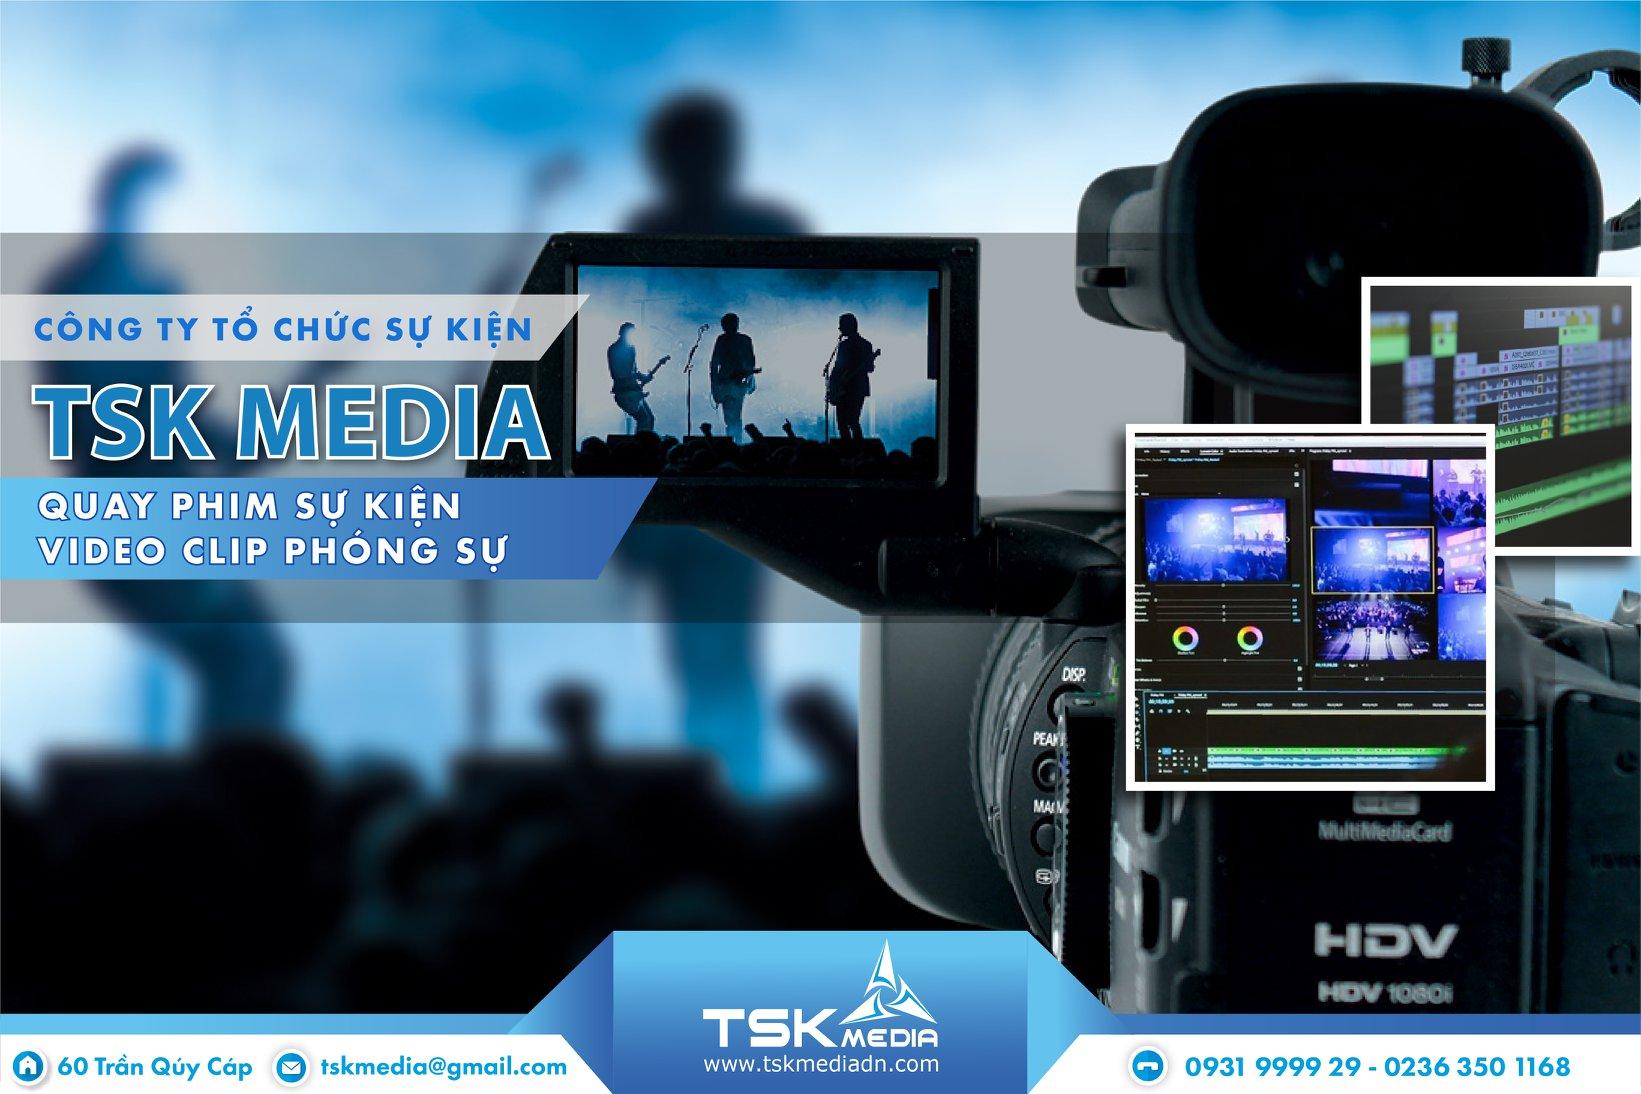 Quy trình của dịch vụ quay phim sự kiện tại TSK Media